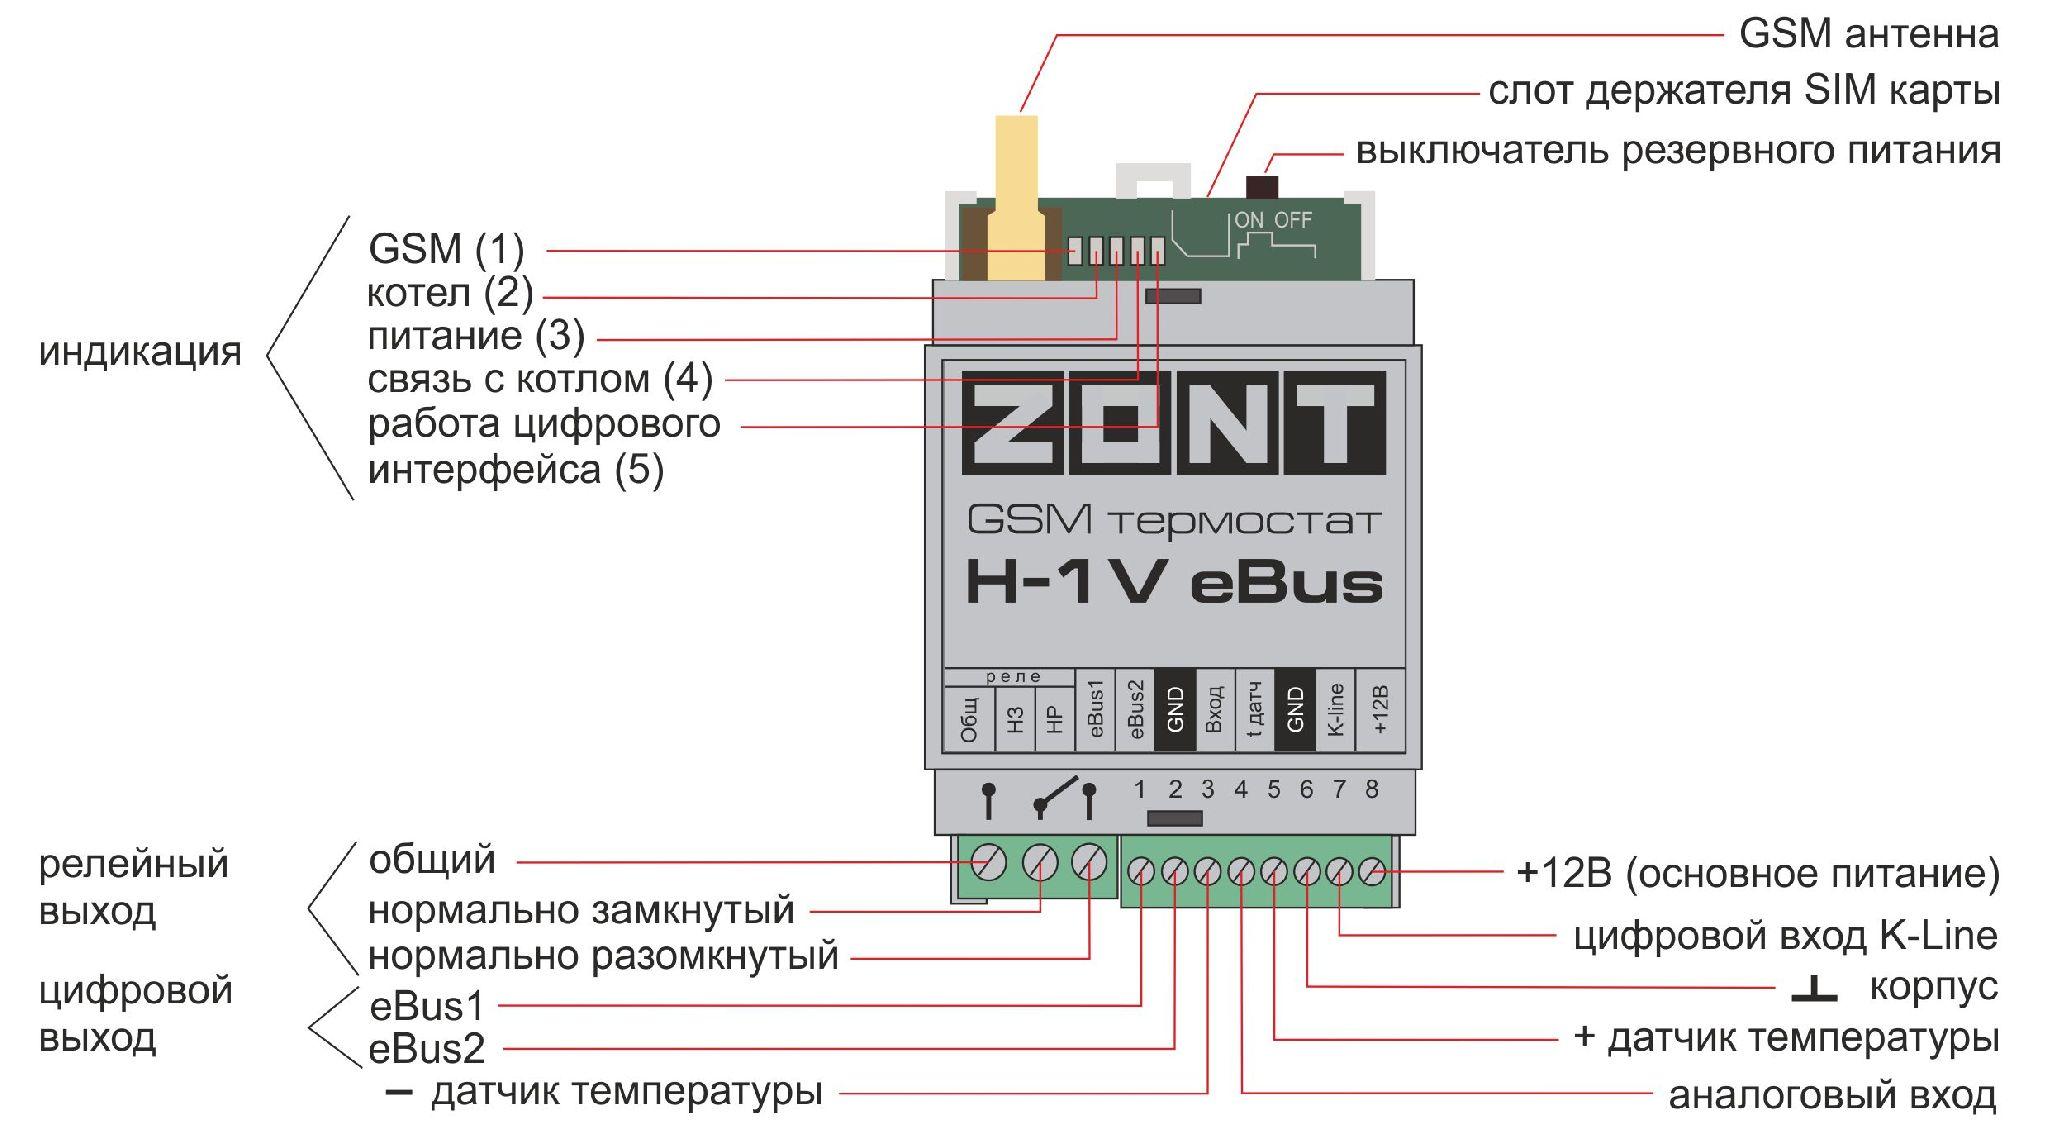 ZONT H-1V eBus GSM термостат для котлов Vaillant и Protherm купить, цена, отзывы, характеристики, официальный магазин | Москва